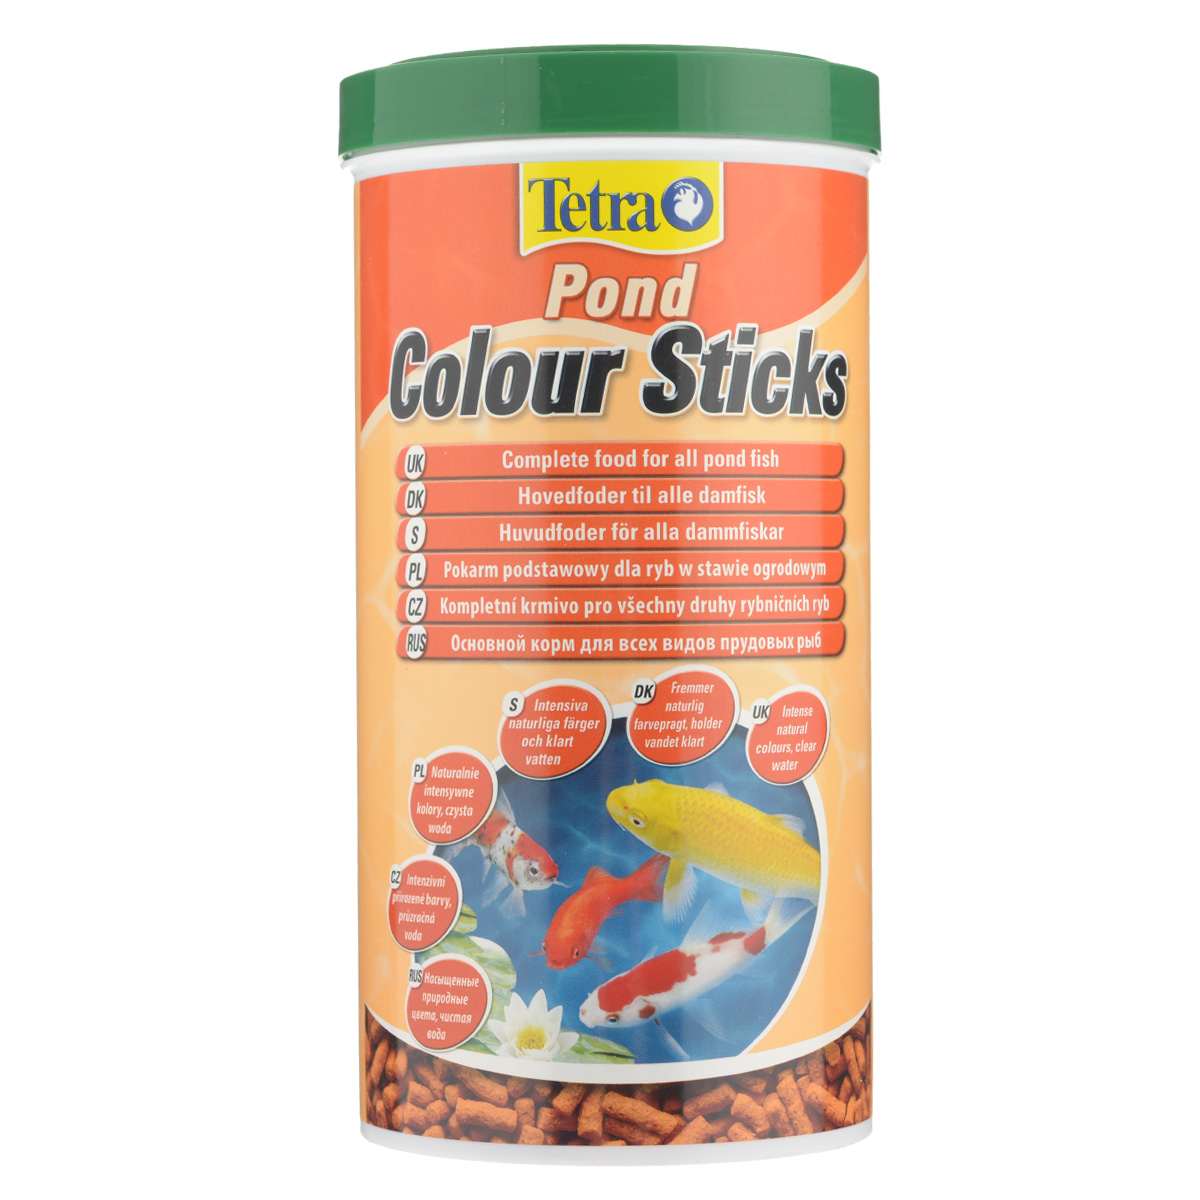 Корм сухой Tetra Pond Color Sticks для всех видов прудовых рыб, в виде гранул, 1 л корм tetra pond sticks complete food for all pond fish палочки для прудовых рыб 50л